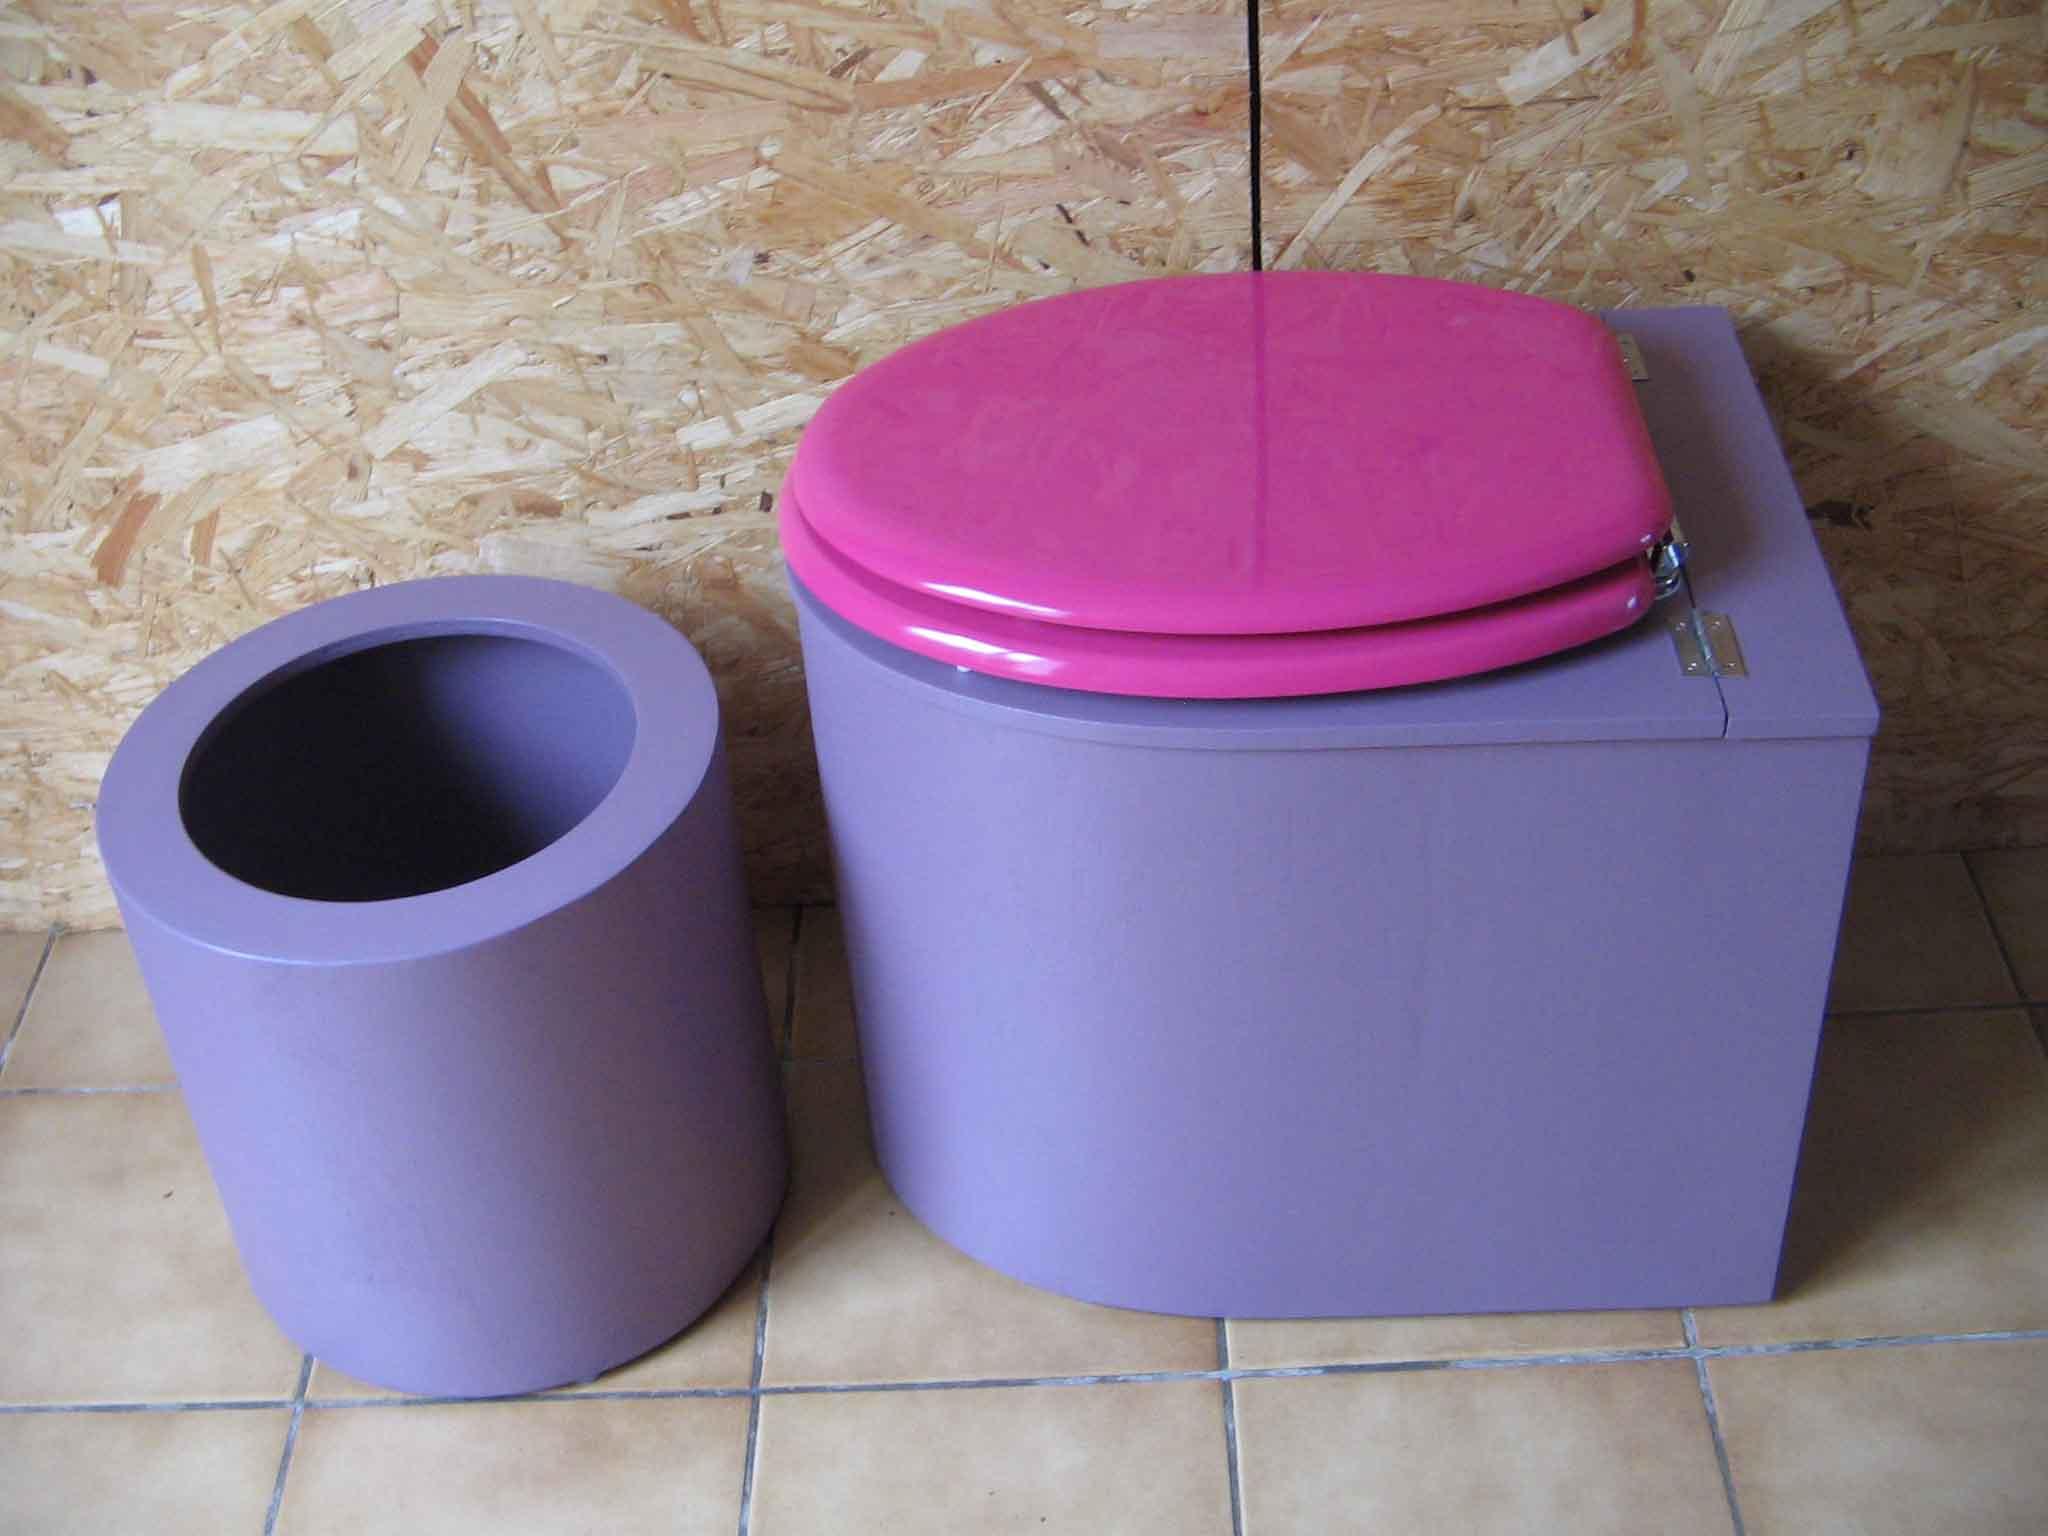 Toilette seche moderne violette